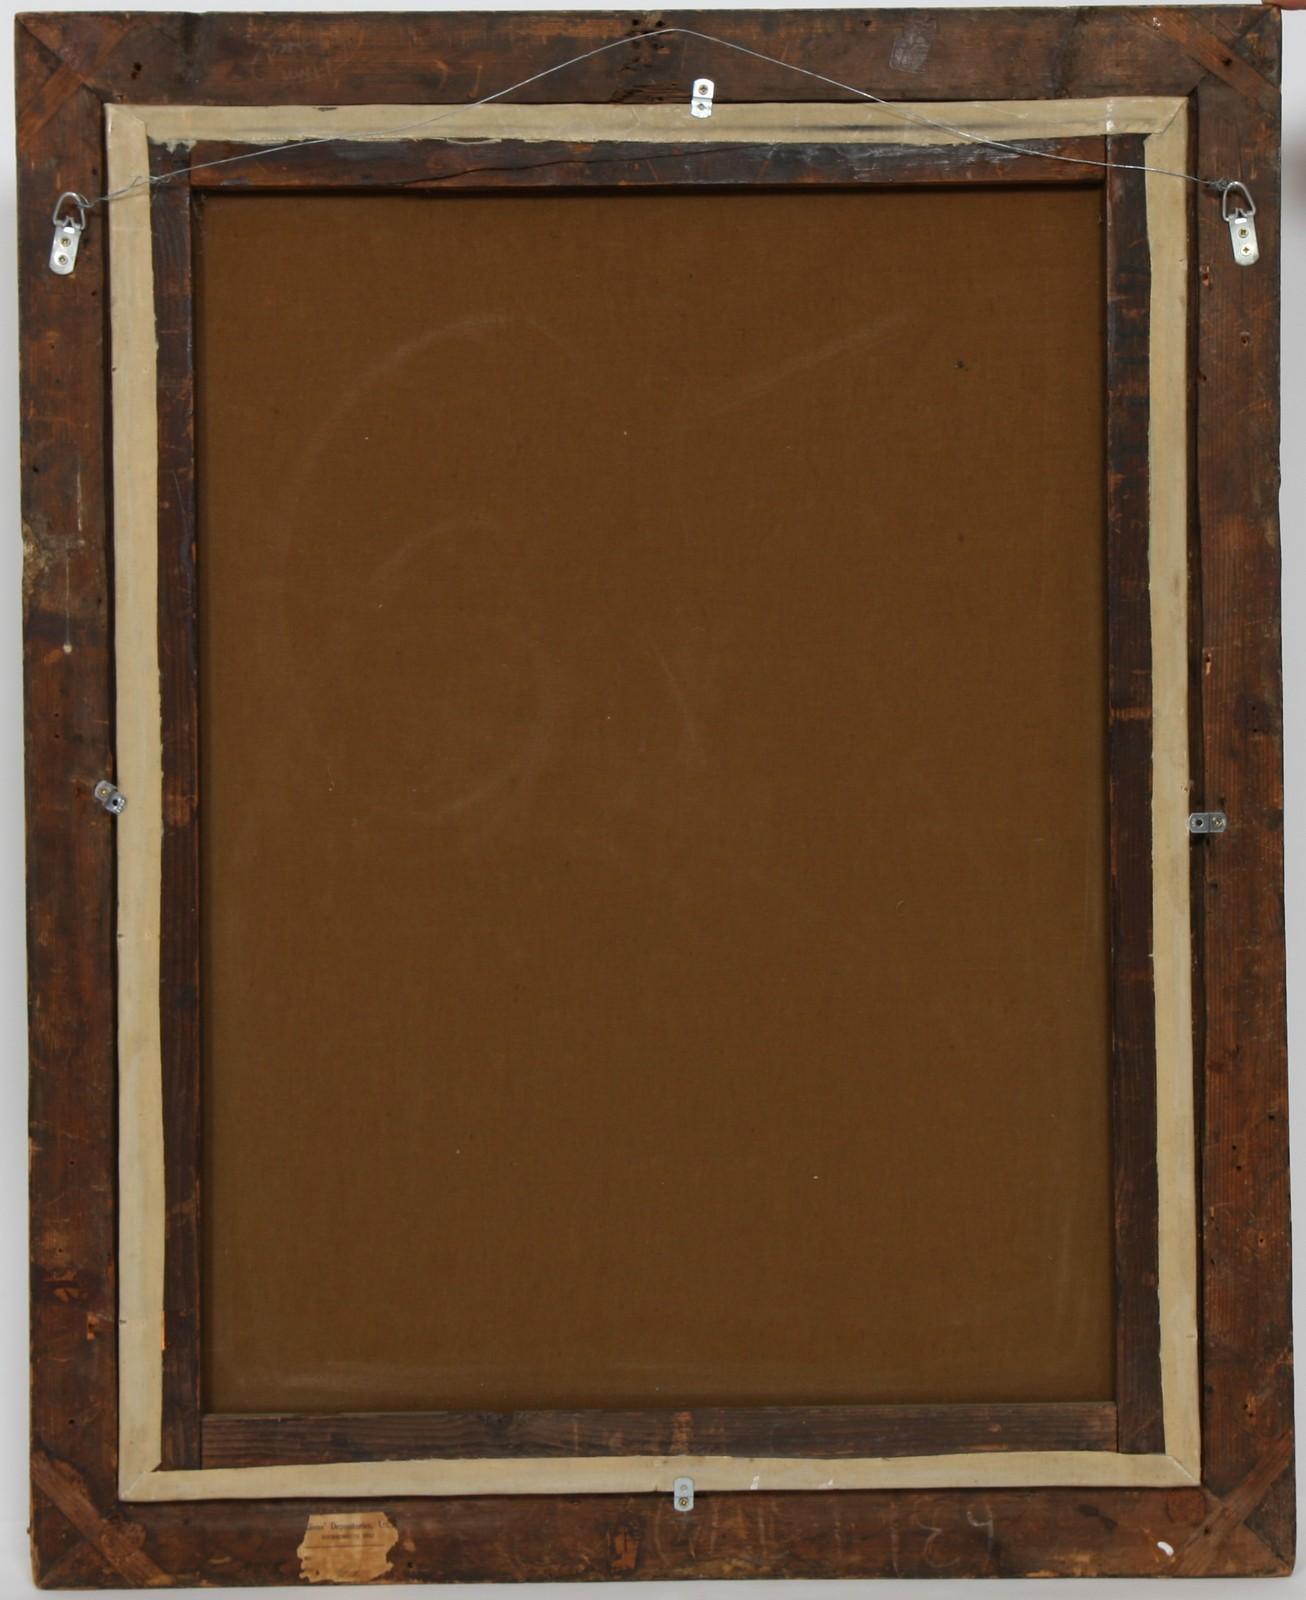 """TABLEAU """"BOUQUET DE FLEURS"""" Huile sur toile encadrée représentant un bouquet de fleurs dans un - Image 2 of 2"""